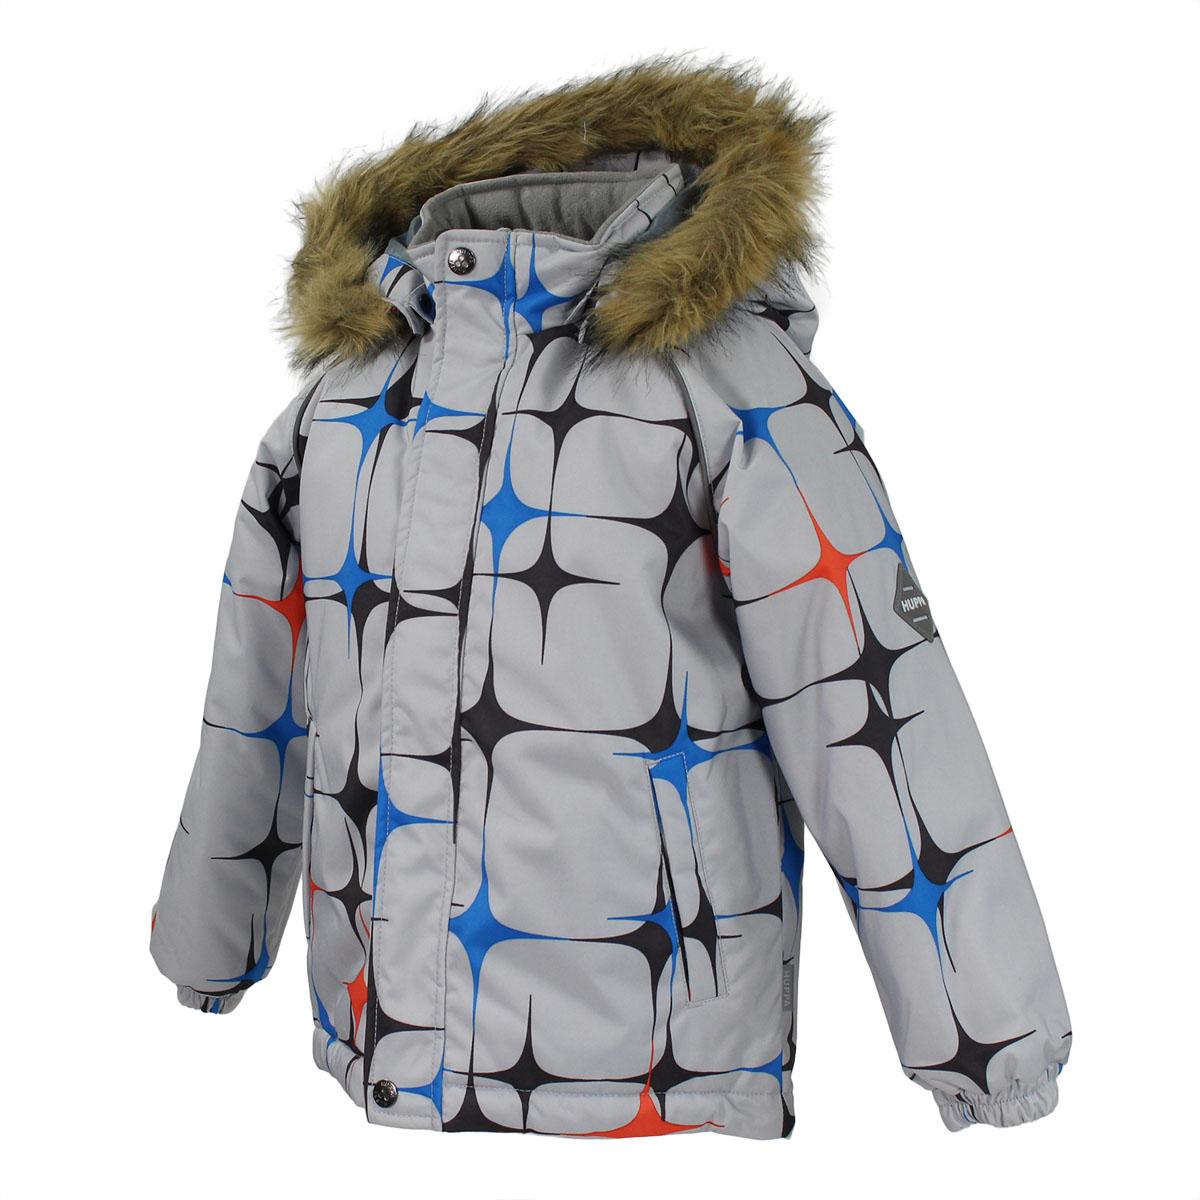 Куртка для мальчика Marinel. 1720BW01_Q1720BW01_Q28Очаровательная куртка для мальчика Huppa Marinel идеально подойдет для ребенка в холодное время года. Курточка изготовлена из водоотталкивающей и ветрозащитной ткани с утеплителем из HuppaTherm - 100% полиэстера. HuppaTherm - высокотехнологичный легкий синтетический утеплитель нового поколения. Уникальная структура микроволокон не позволяет проникнуть холодному воздуху, в то же время, удерживая теплый воздух между волокнами, обеспечивая высокую теплоизоляцию изделия. Полиуретан с микропорами препятствует прохождению воды и ветра сквозь ткань внутрь изделия, в то же время, позволяя испаряться выделяемой телом влаге. Для максимальной влагонепроницаемости изделия основные швы проклеены водостойкой лентой. Сплетения волокон в тканях выполнены по специальной технологии, которая придает ткани прочность и предохраняет от истирания. В качестве подкладки используется 100% полиэстер. Куртка с капюшоном и рукавами-реглан застегивается на пластиковую застежку-молнию и дополнительно имеет...